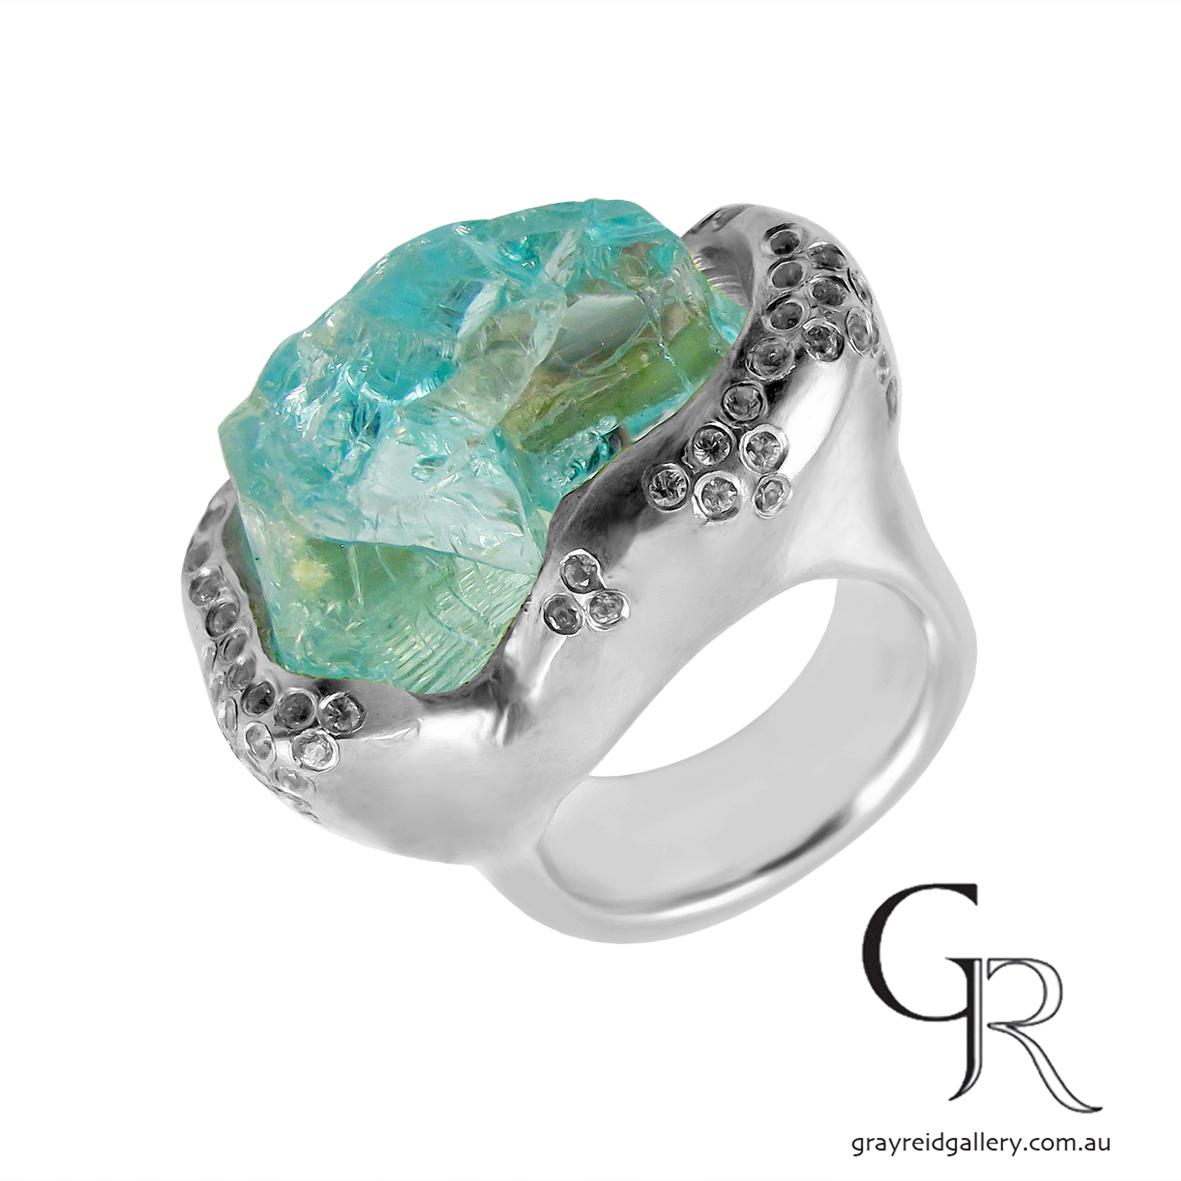 Sonya Kelly Melbourne Gray Reid Gallery iceberg aquamarine ring top-11-25 14.38.50.jpg